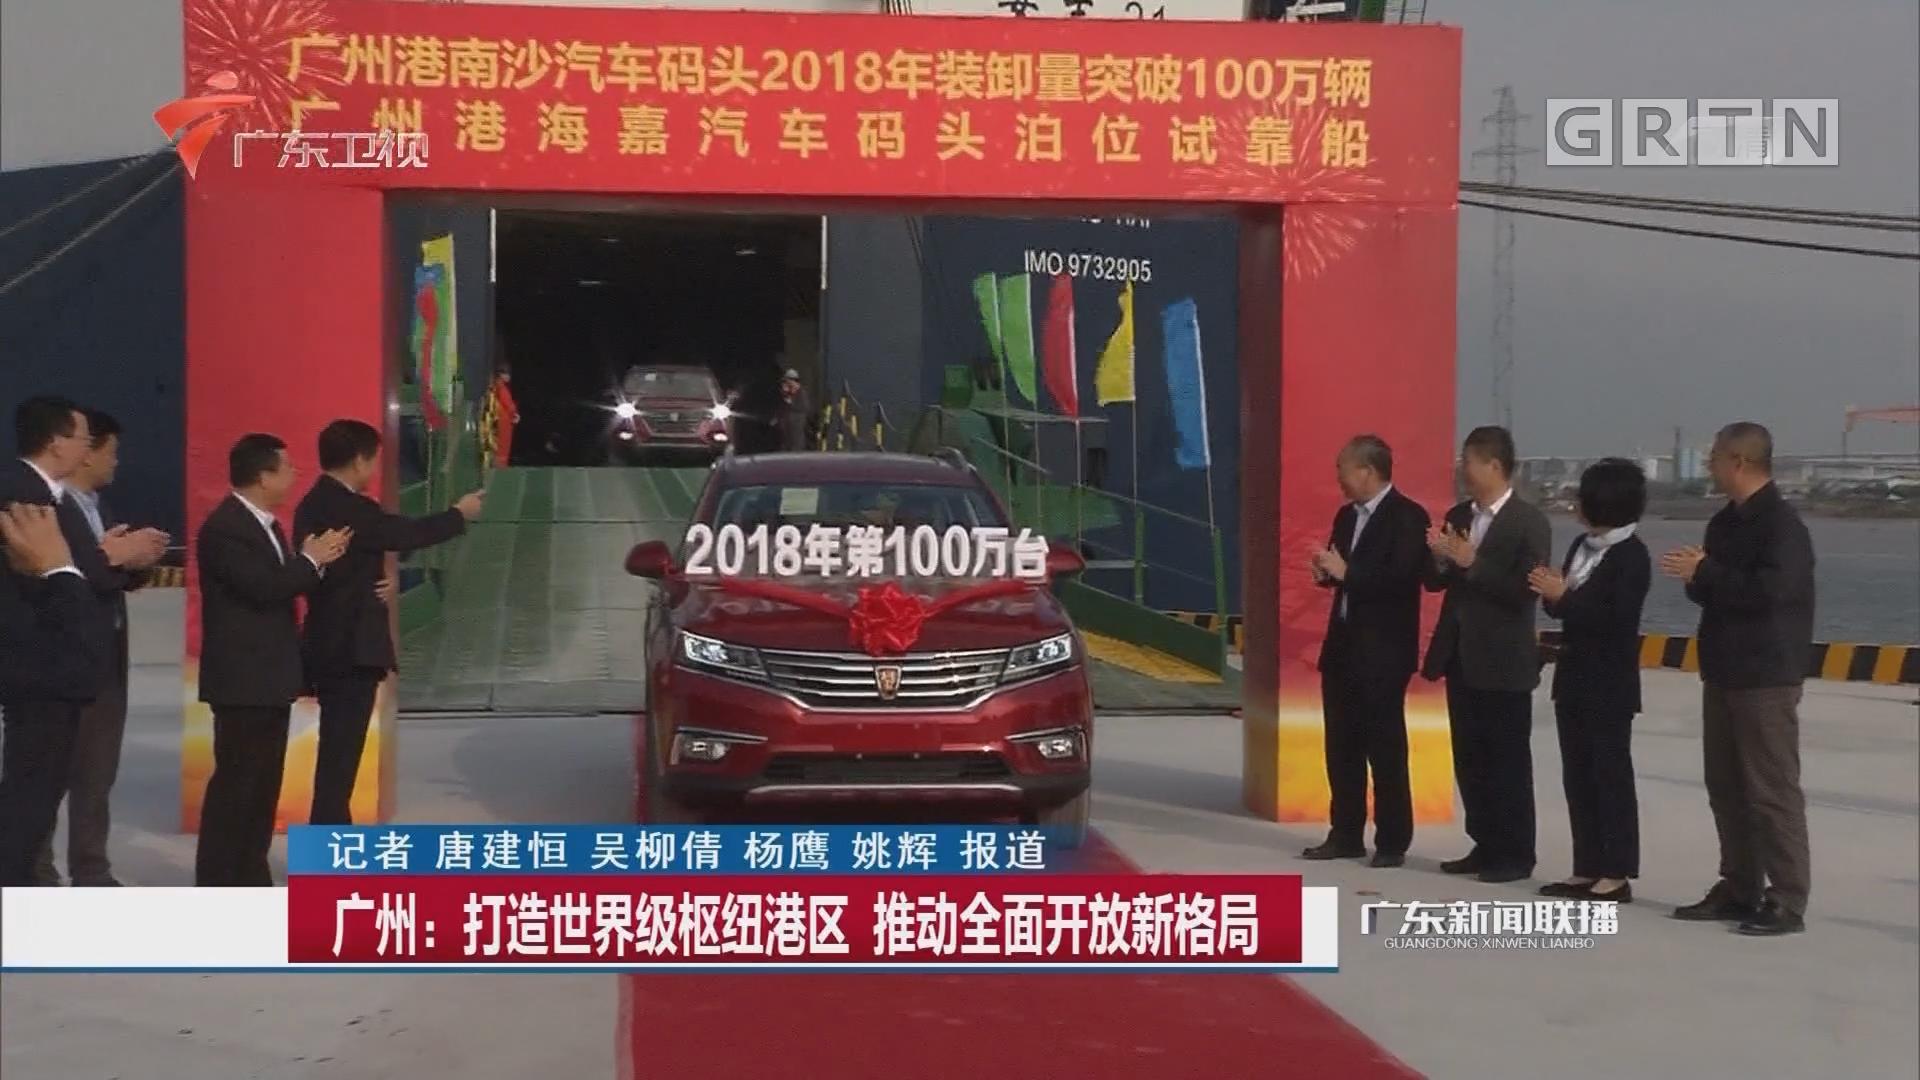 广州:打造世界级枢纽港区 推动全面开放新格局